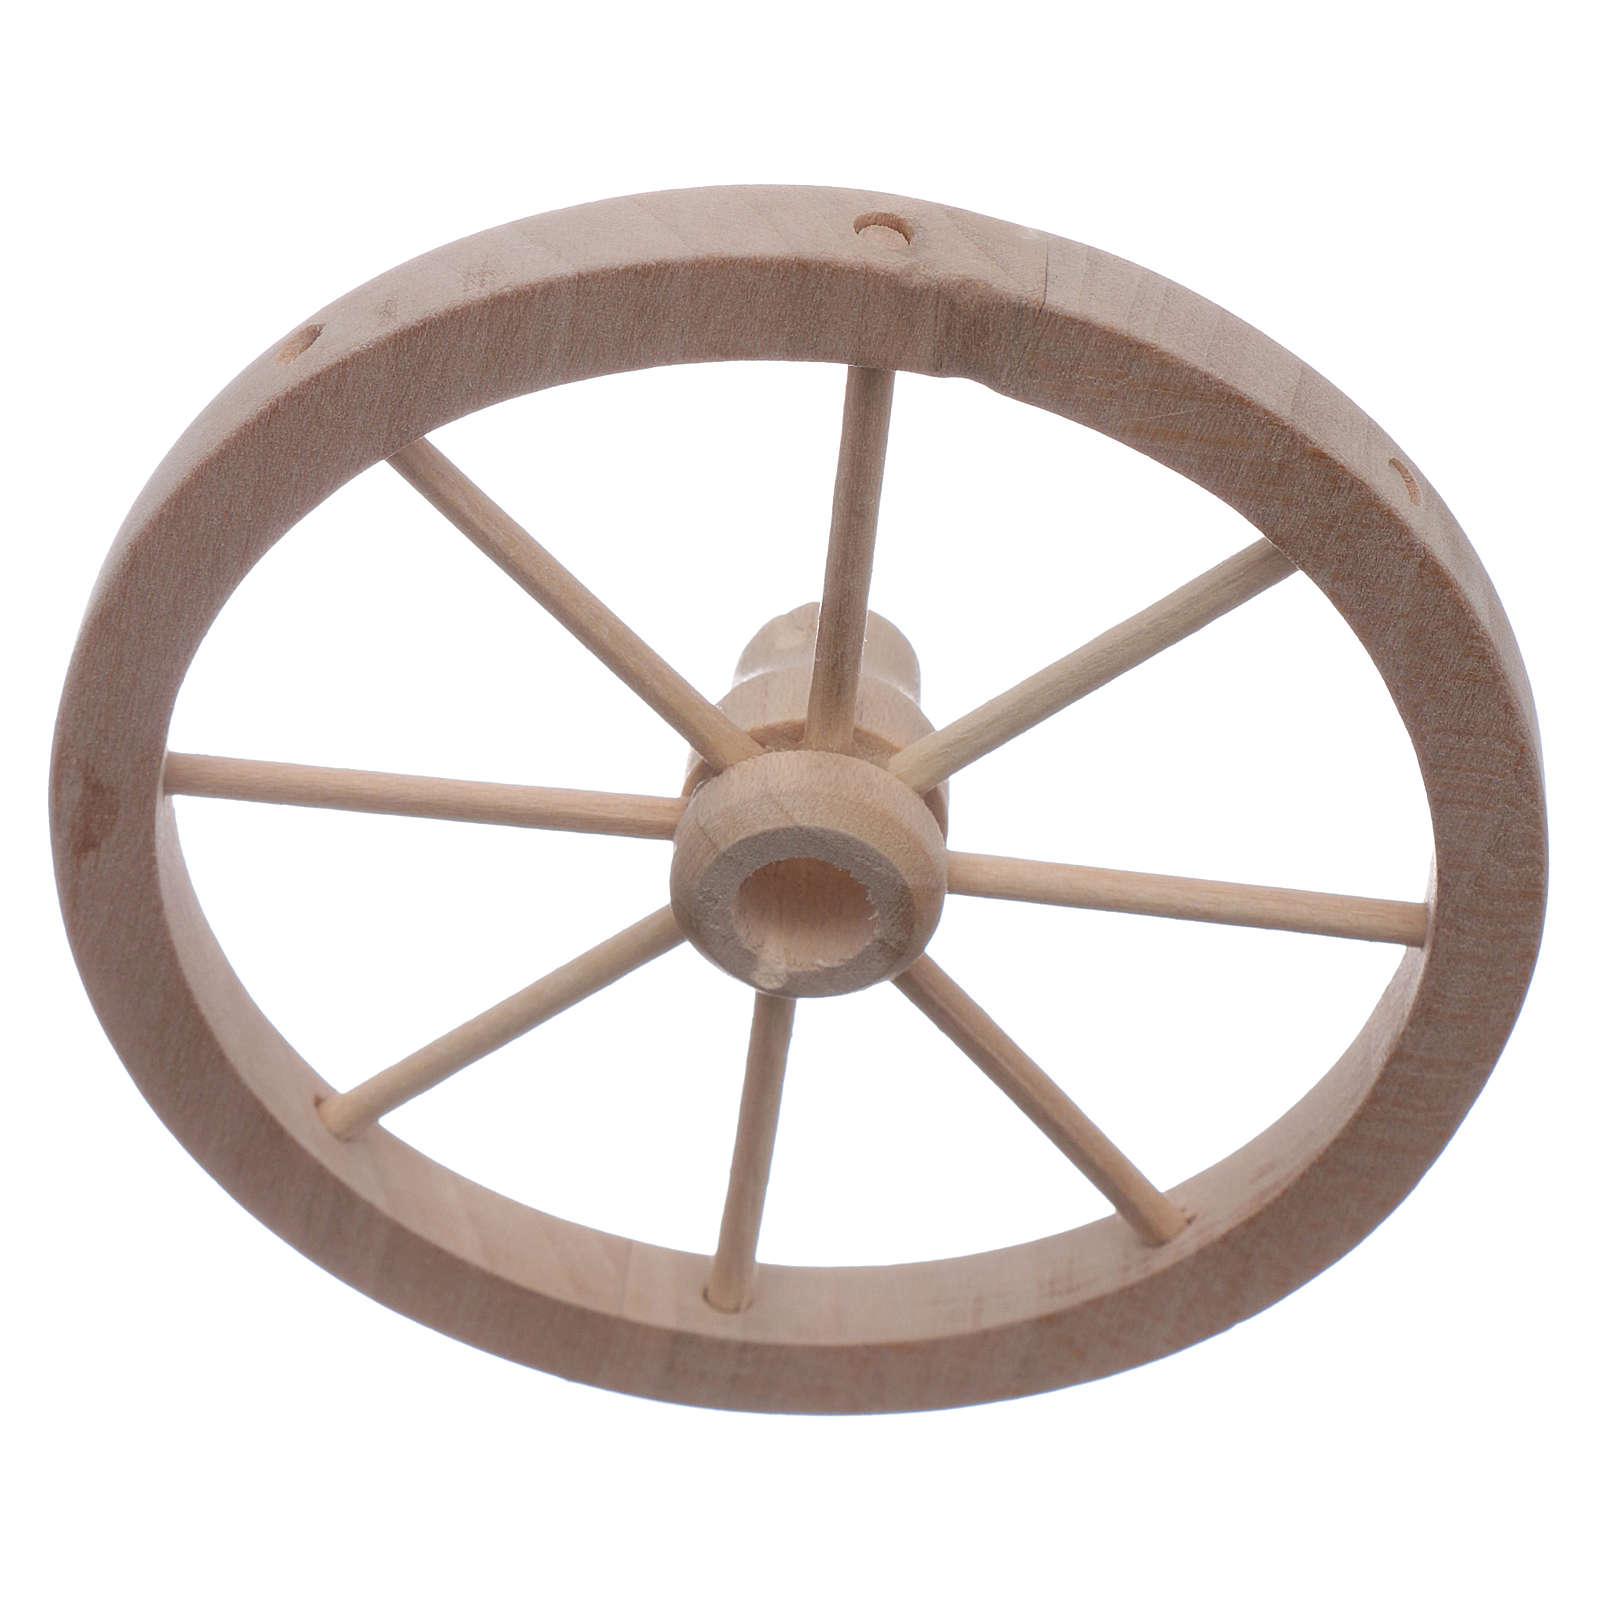 Ruota carro presepe legno diam 9 cm 4